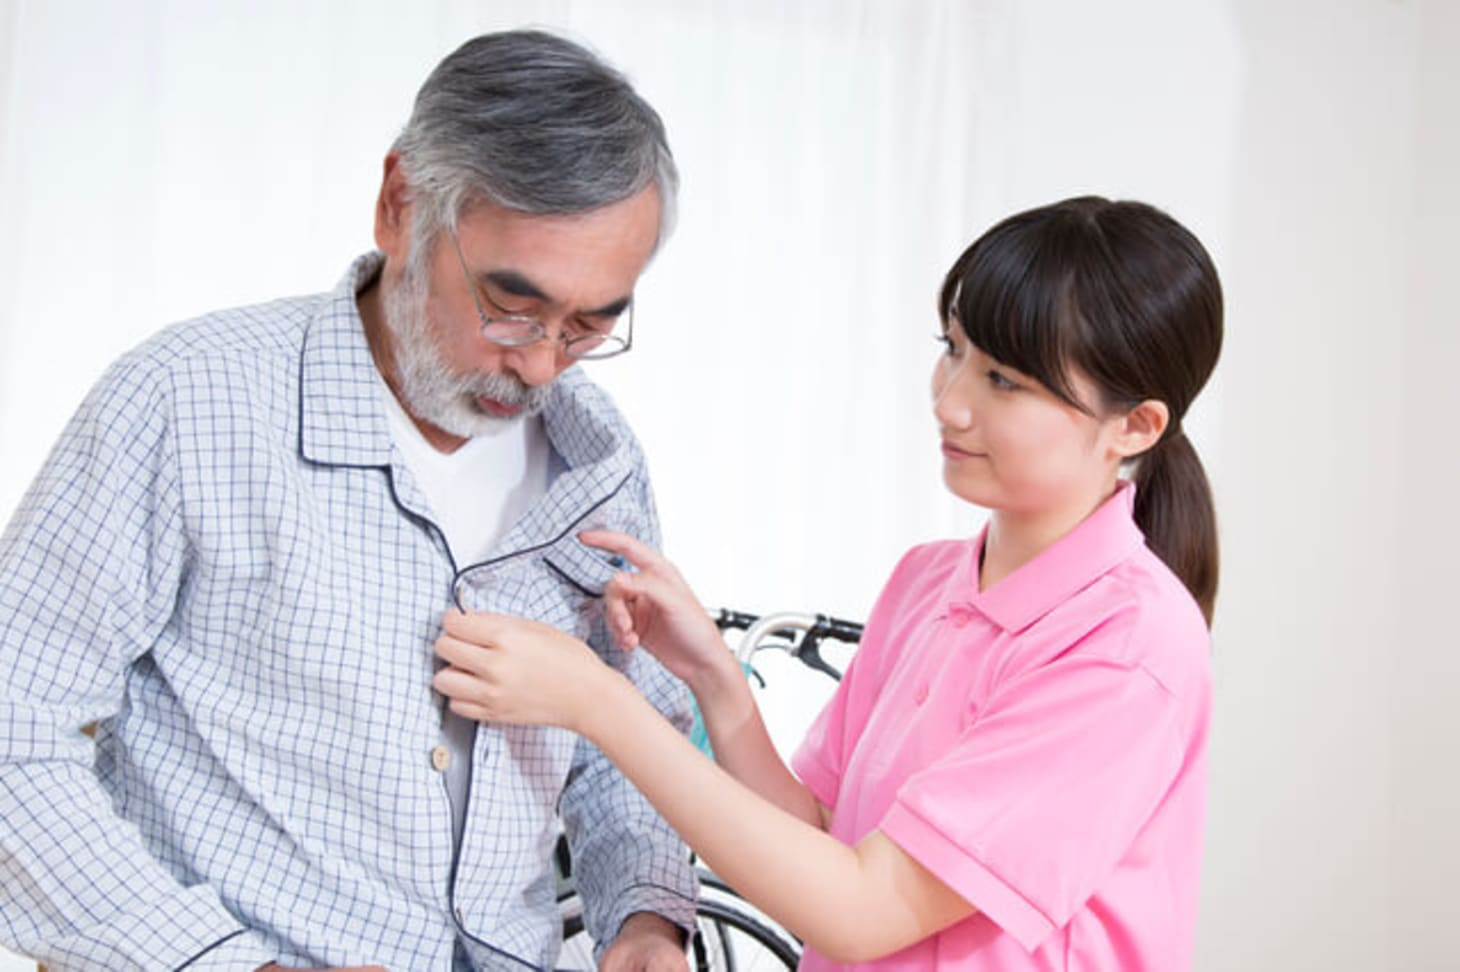 特別養護老人ホーム(特養)の管理栄養士の仕事内容とは ...